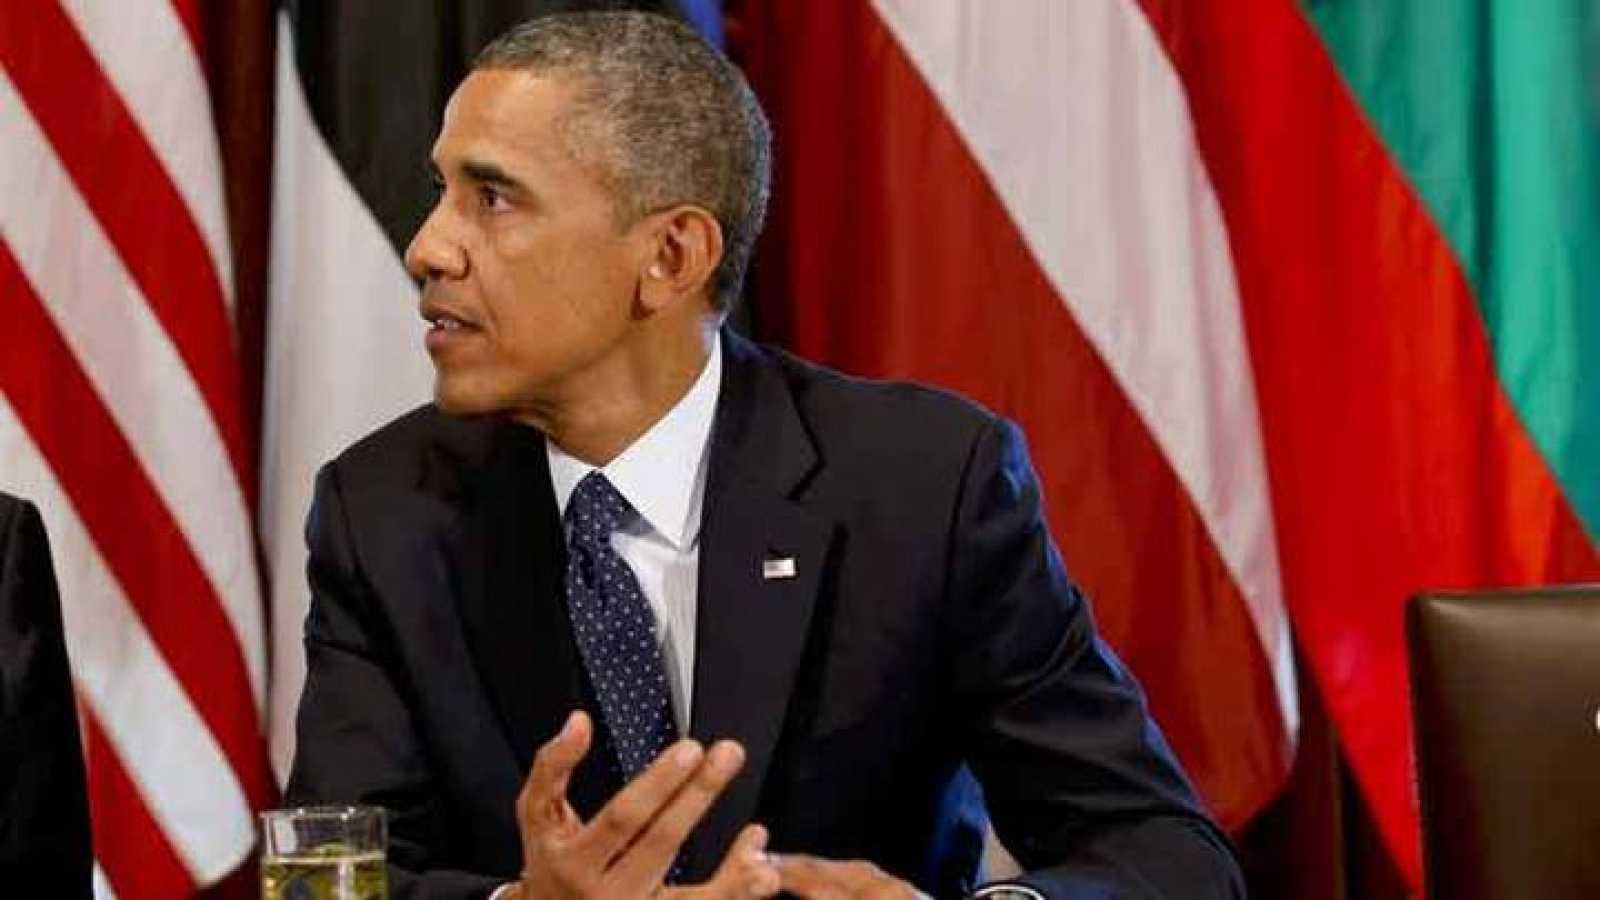 Obama espera aliados para llevar a cabo la intervención militar en Siria